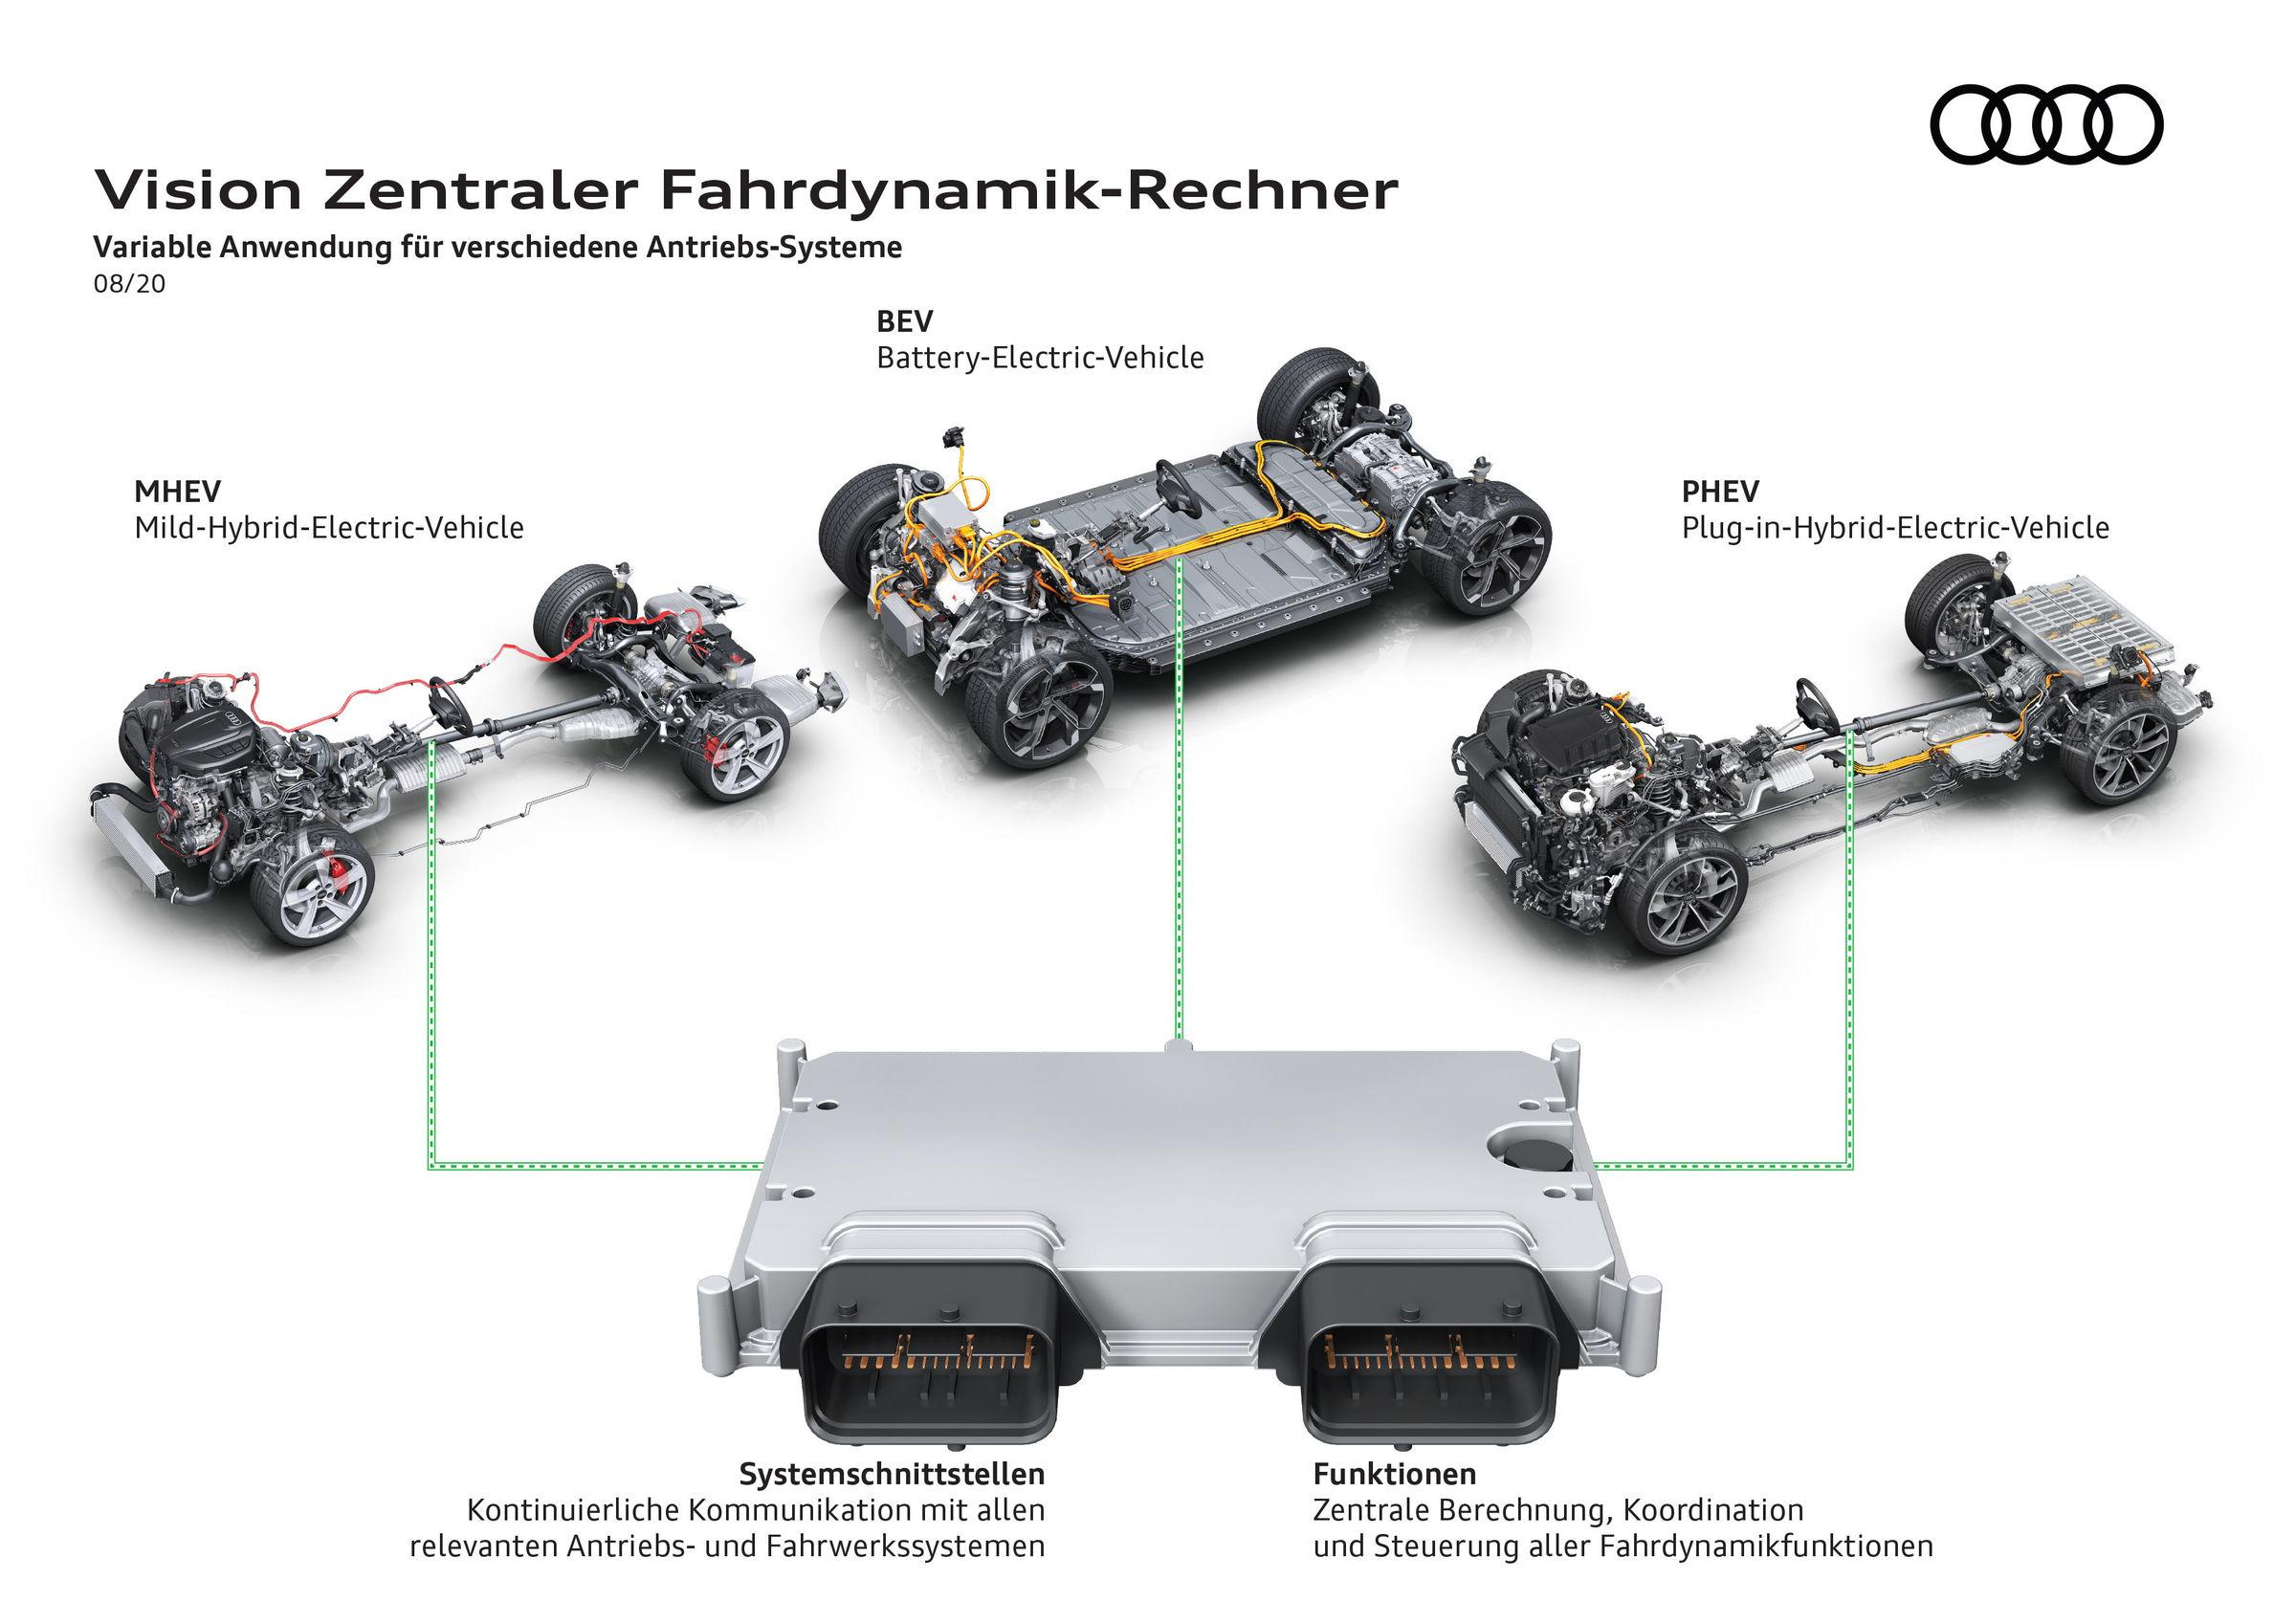 Vision Zentraler Fahrdynamik-Rechner